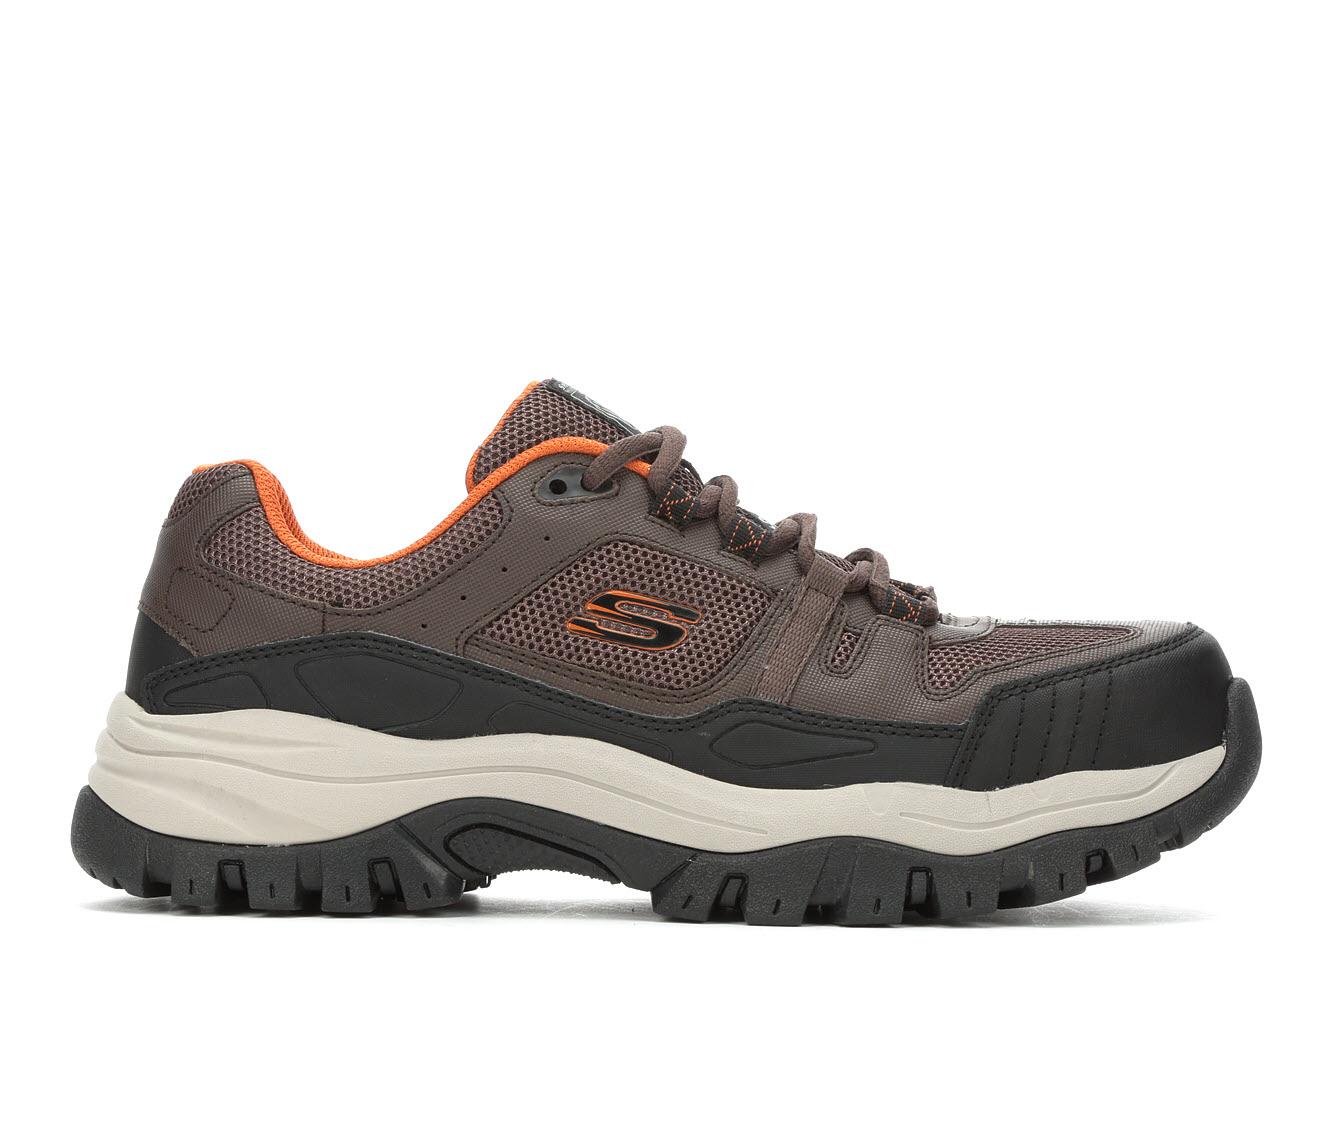 Skechers Work Kerkade Steel Toe Waterproof 77505 Men's Boots (Brown Faux Leather)